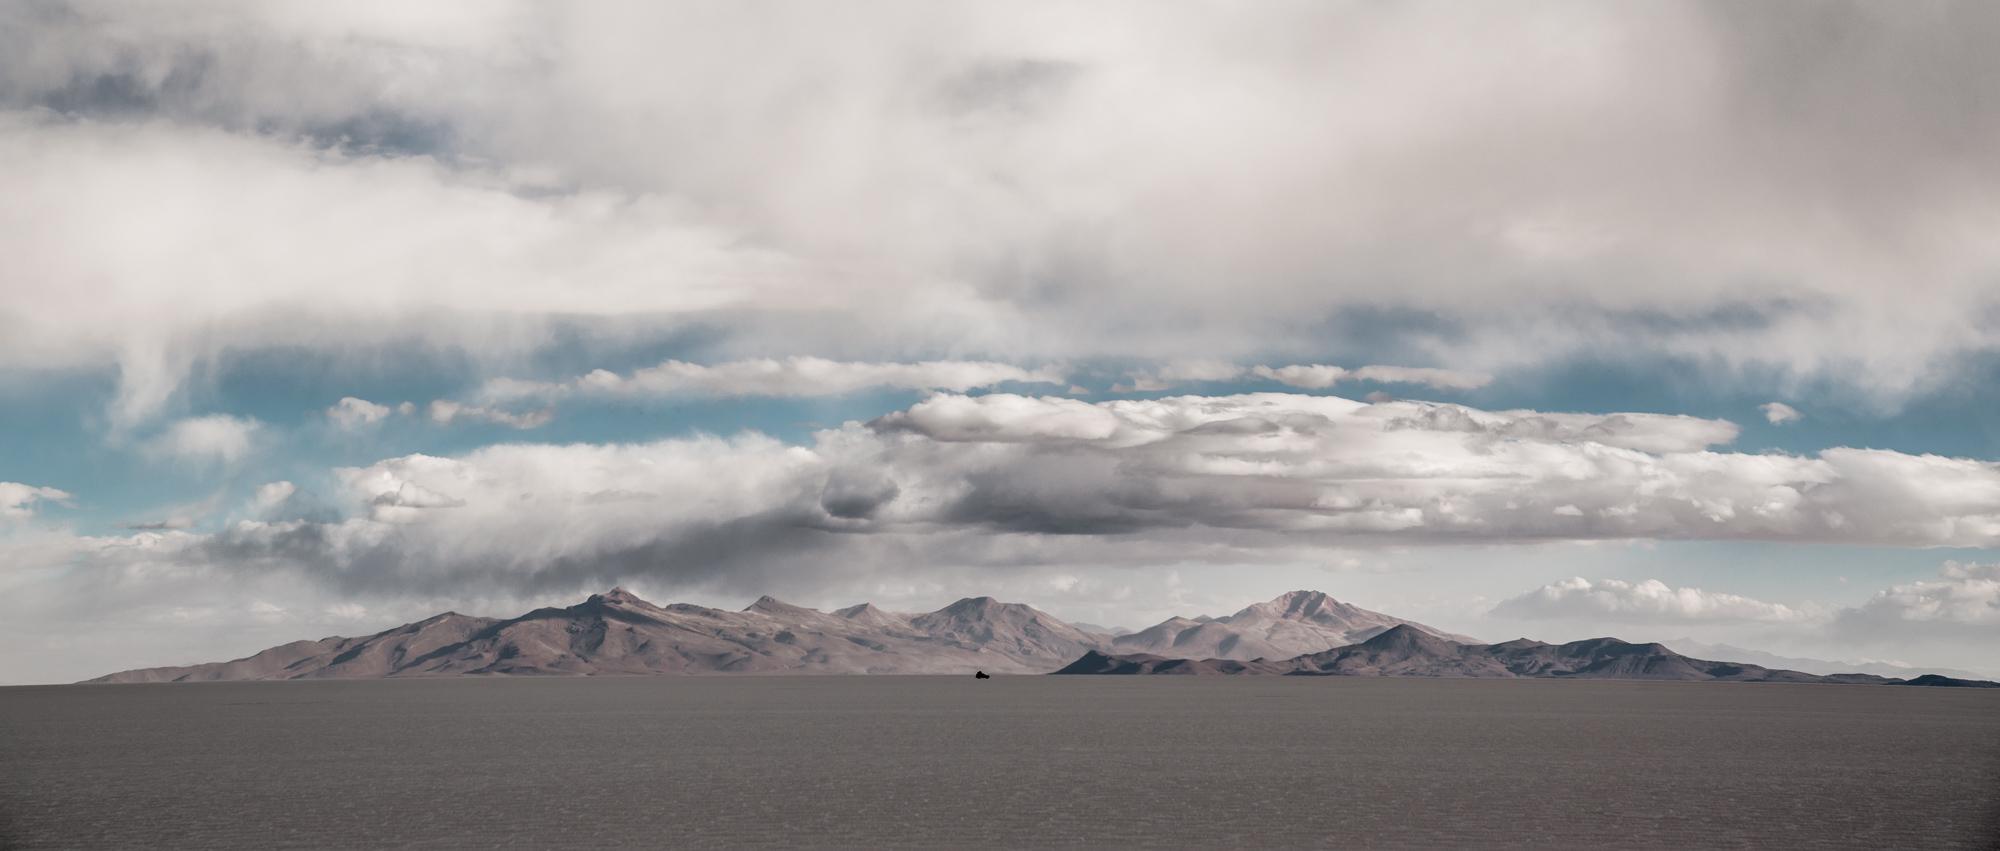 A car passes over the Uyuni salt flats. Bolivia